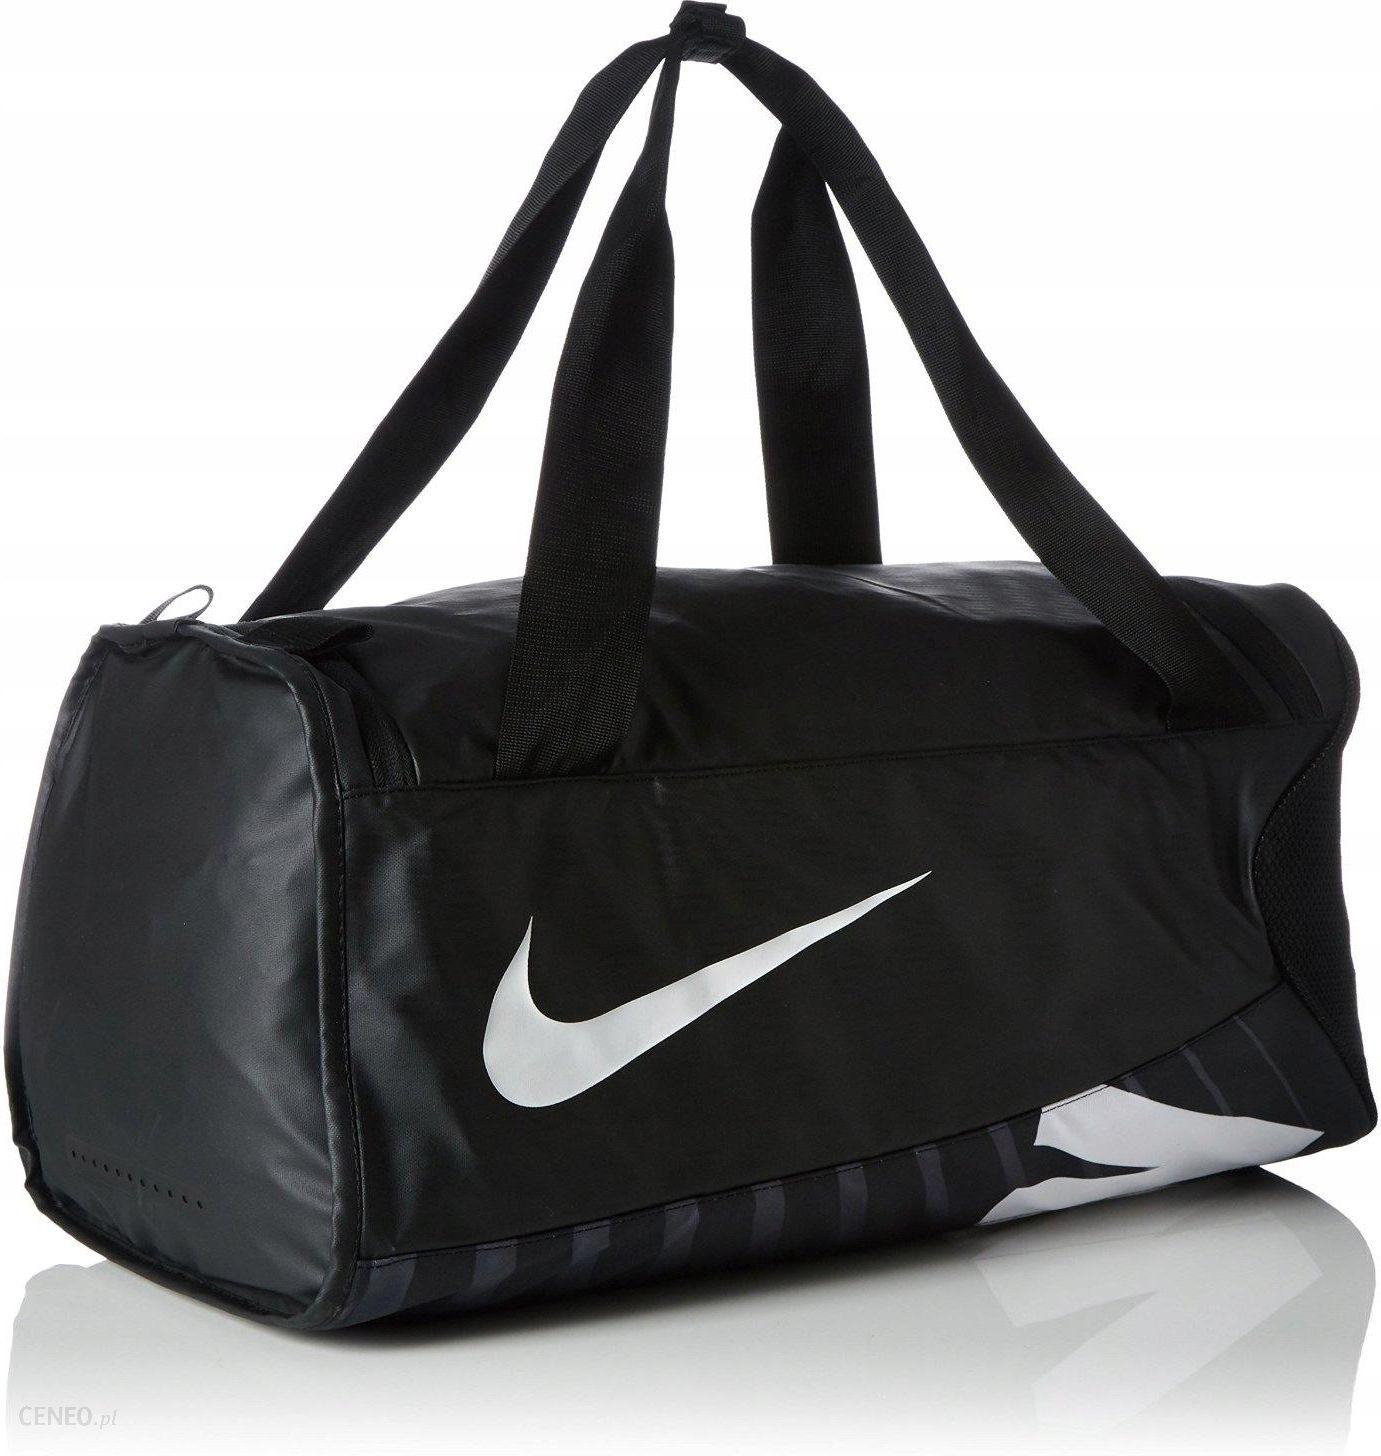 e0dada630773c Nike Alpha Duff Nfs Torba Sportowa Na Trening M - Ceny i opinie ...